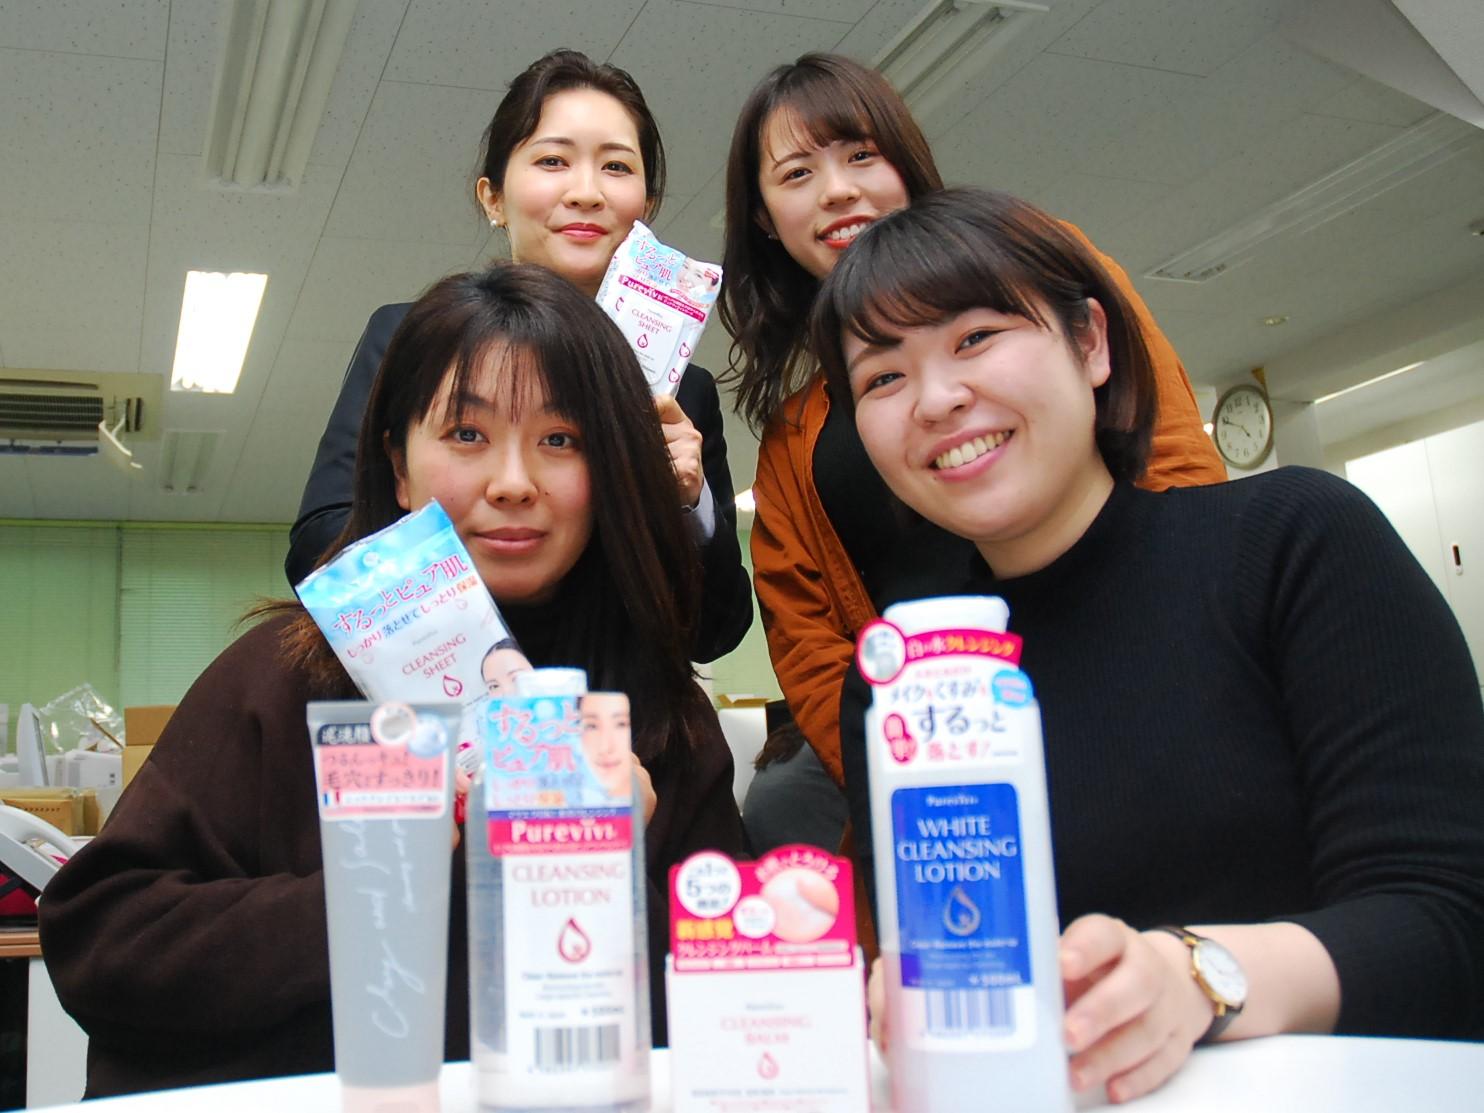 【ピュアヴィヴィ】ブランドオフィシャルでの積極的なPR活動で、新規お取引先130超店舗に導入実績 サムネイル画像